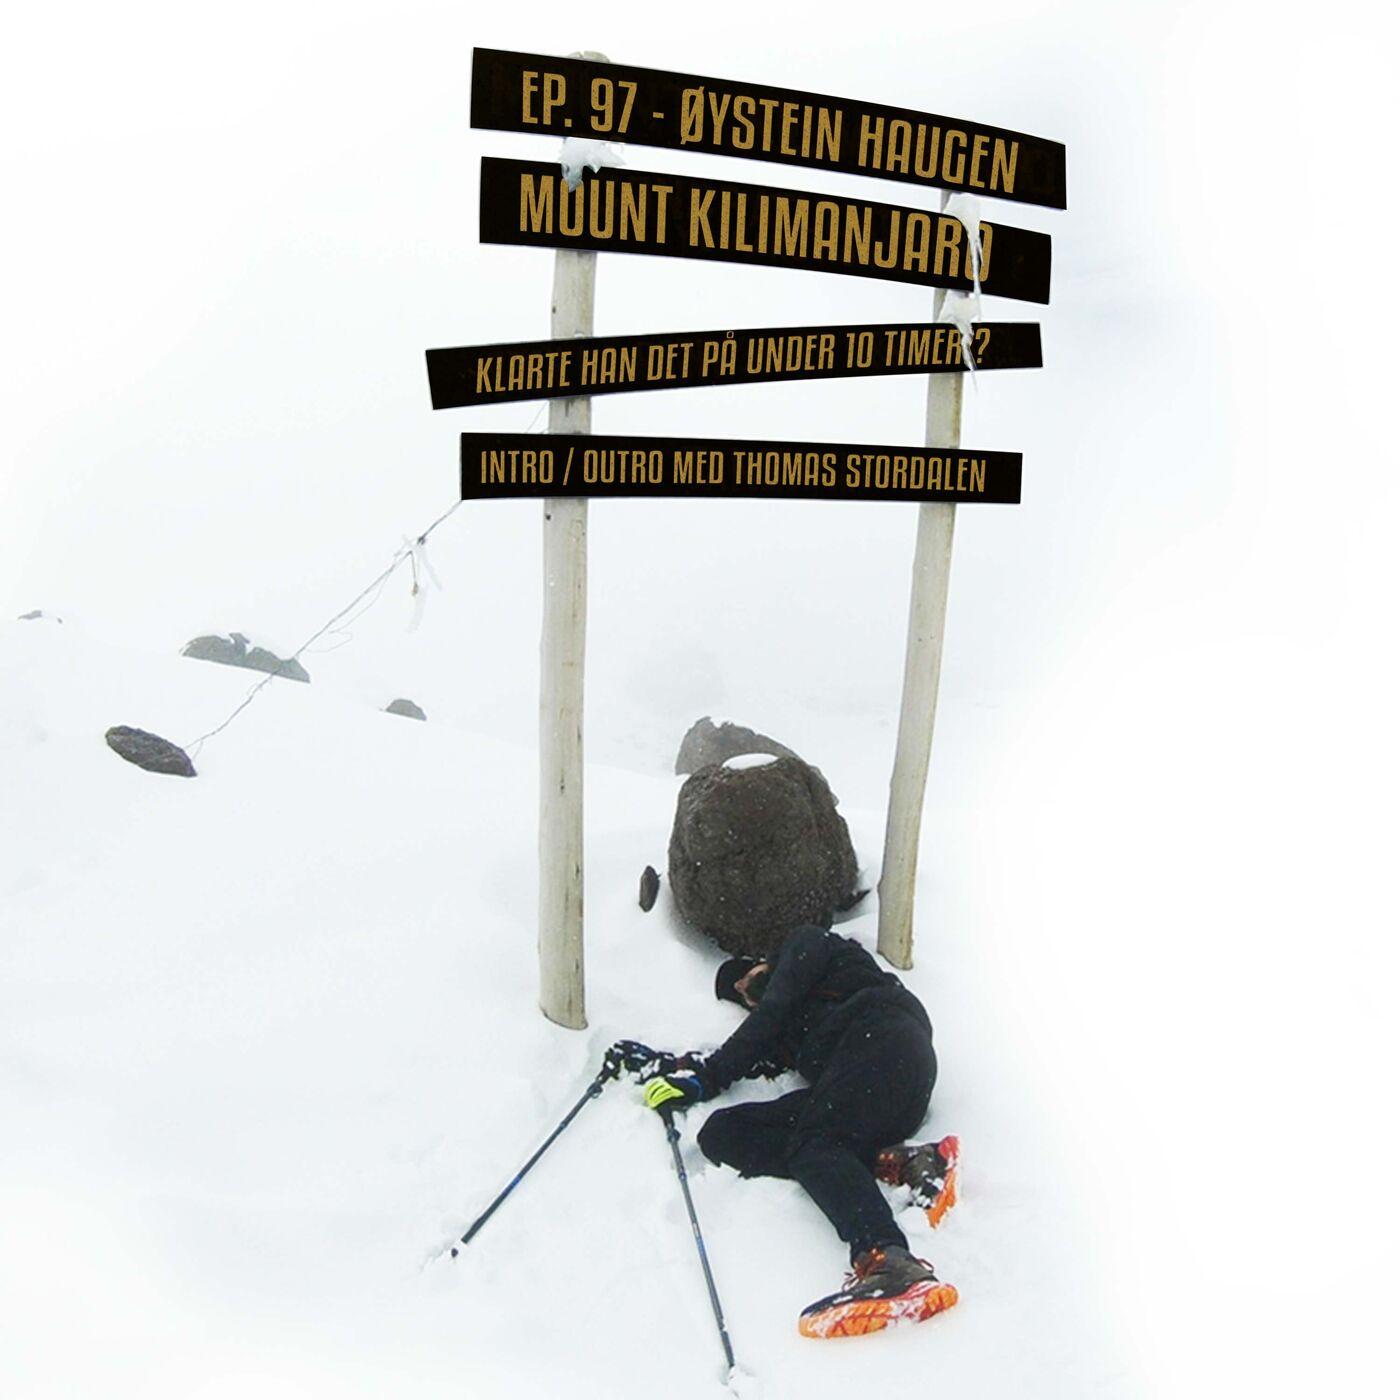 #97 - Øystein Haugen | Mt. Kilimanjaro på under 10 timer?!?!  | Intro og outro med Thomas Stordalen